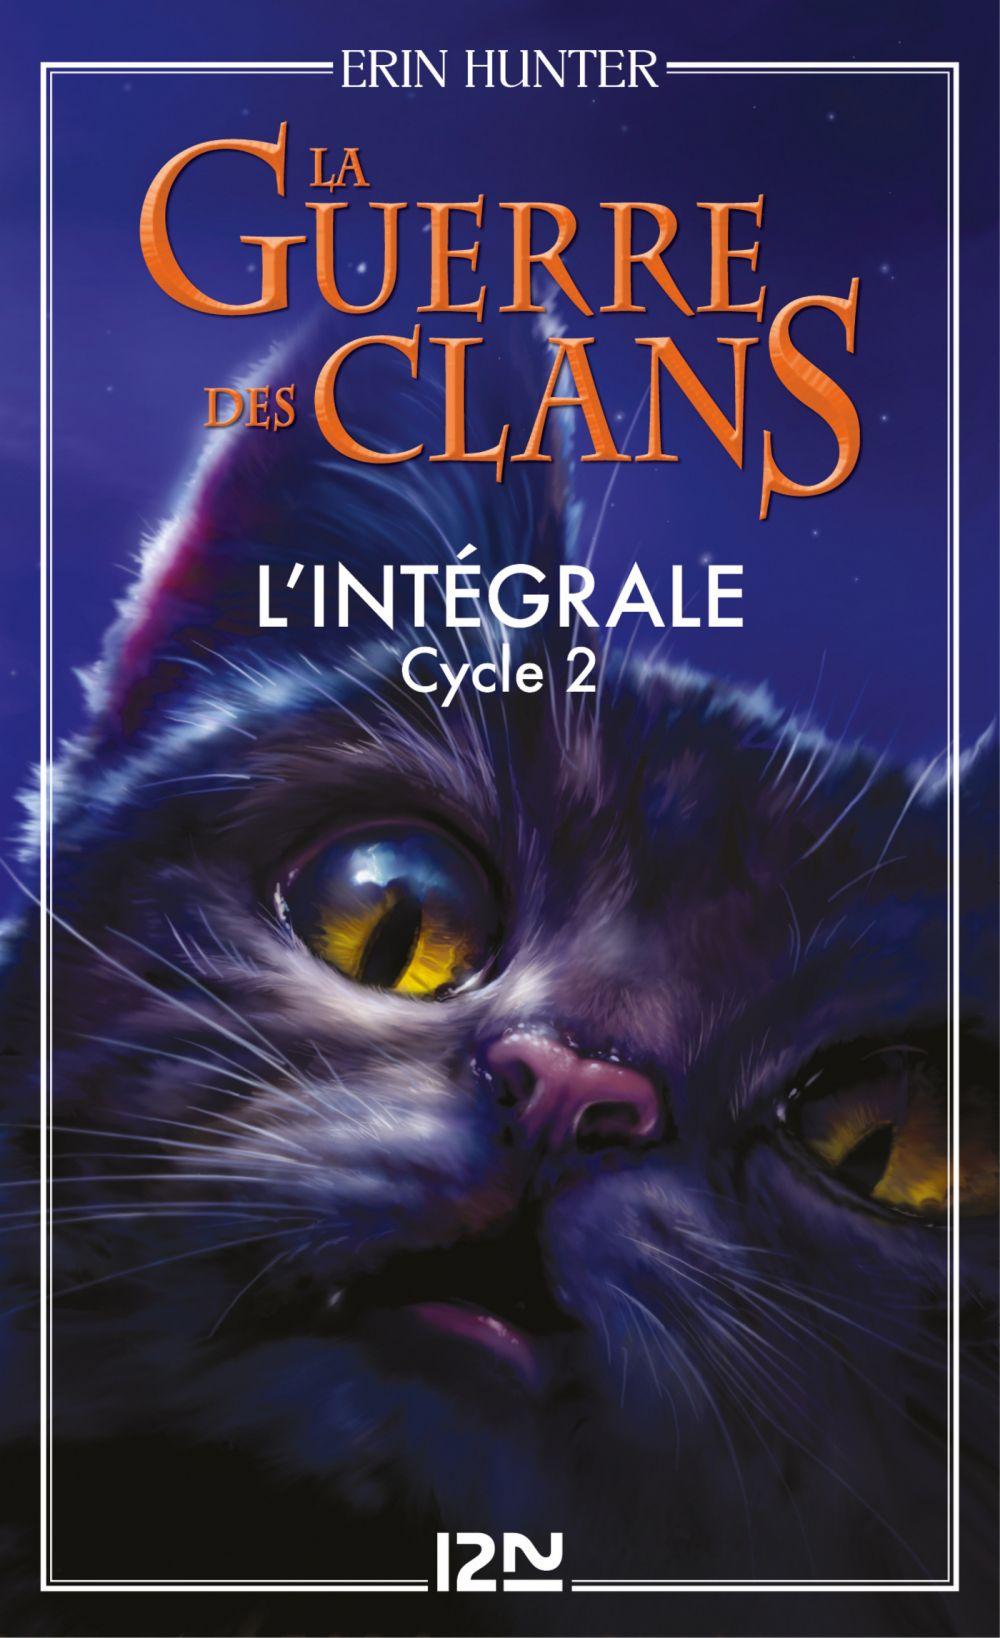 La guerre des clans - cycle 2 intégrale   HUNTER, Erin. Auteur